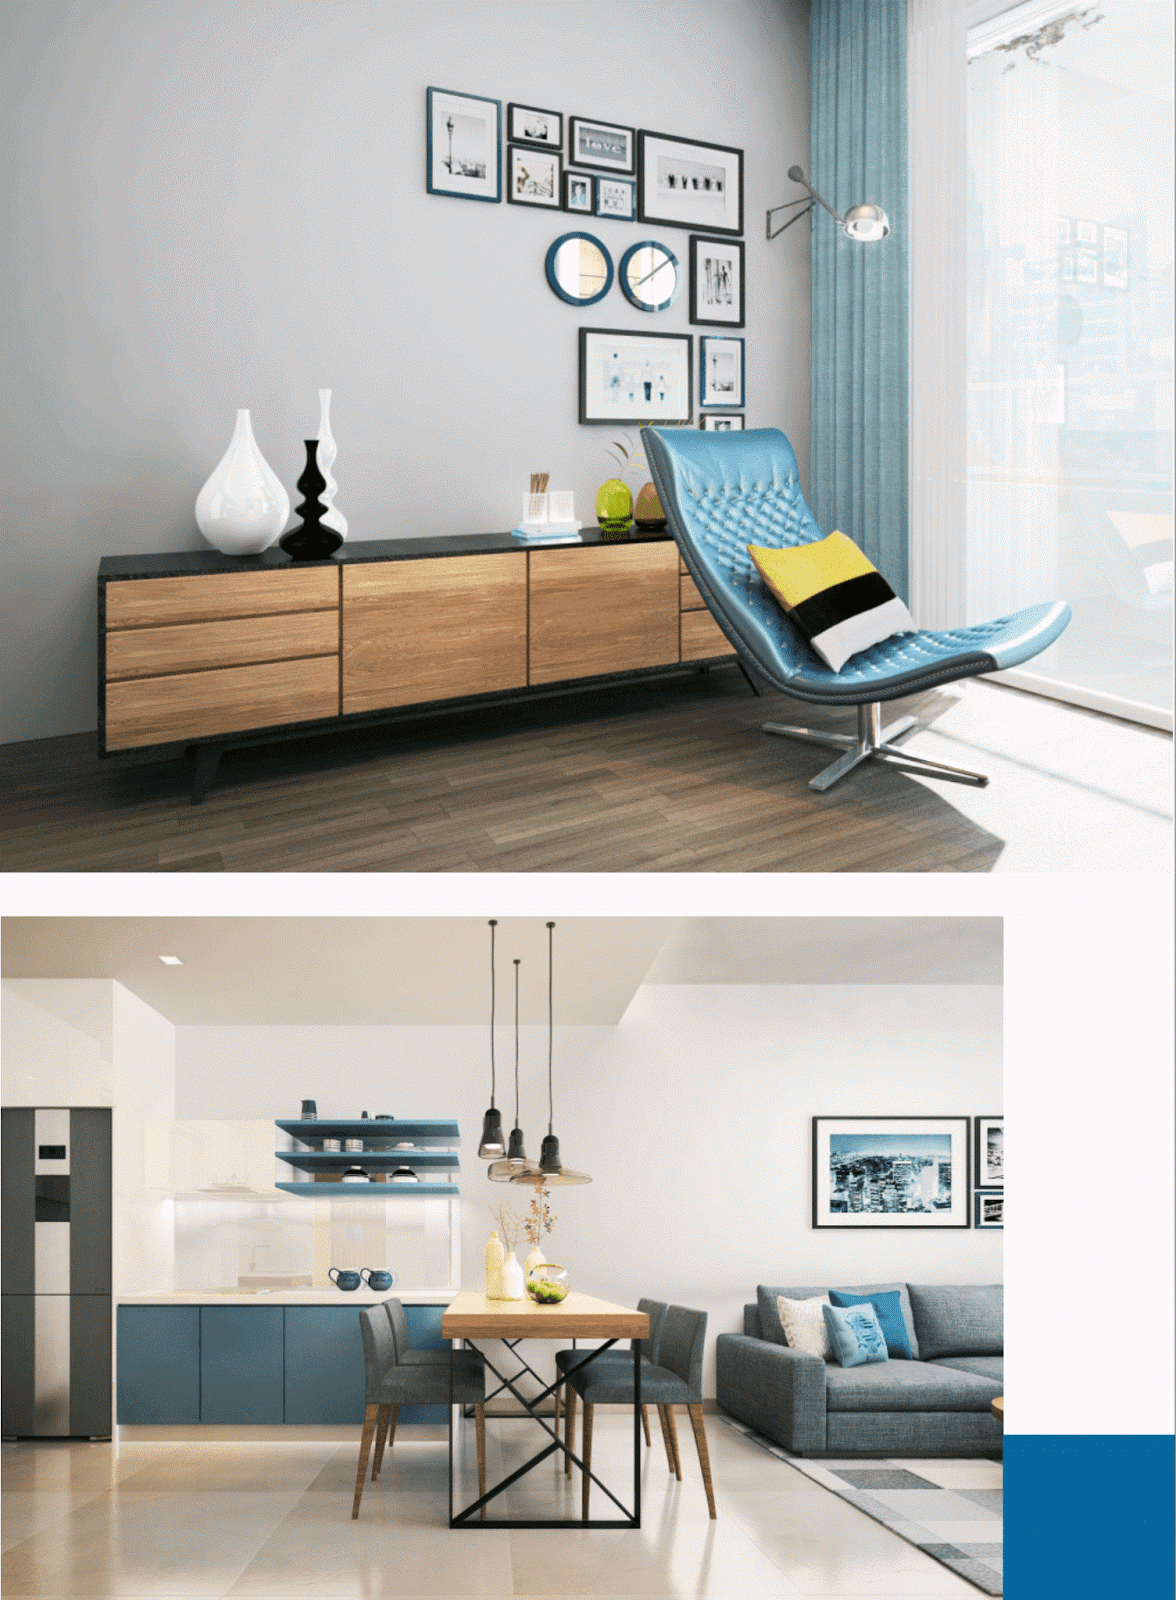 Thiết kế nội thất phòng ăn dự án chung cư Gelexia Riverside